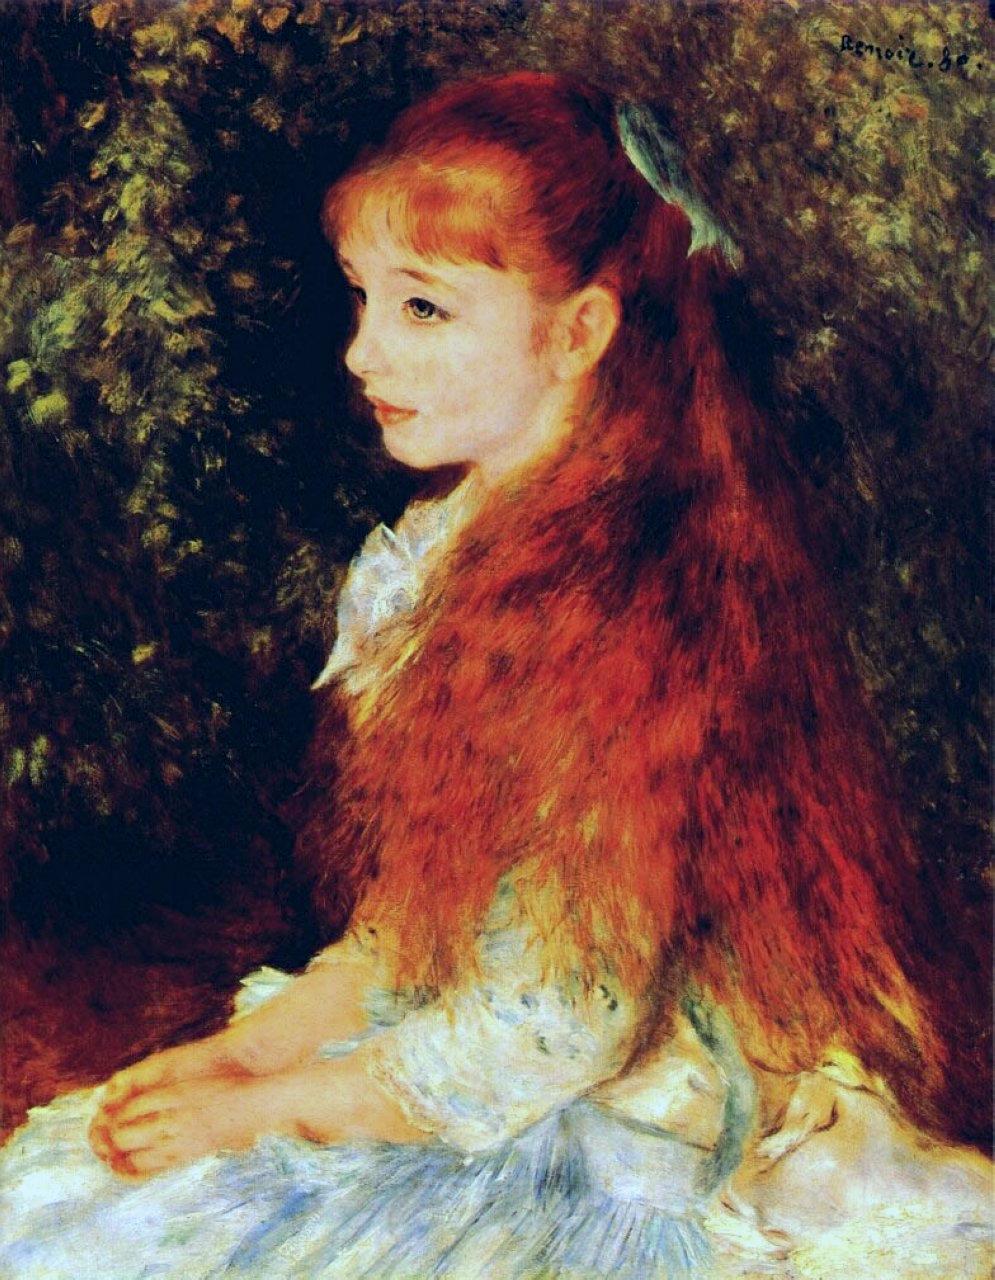 http://uploads4.wikipaintings.org/images/pierre-auguste-renoir/mlle-irene-cahen-d-anvers-1880.jpg